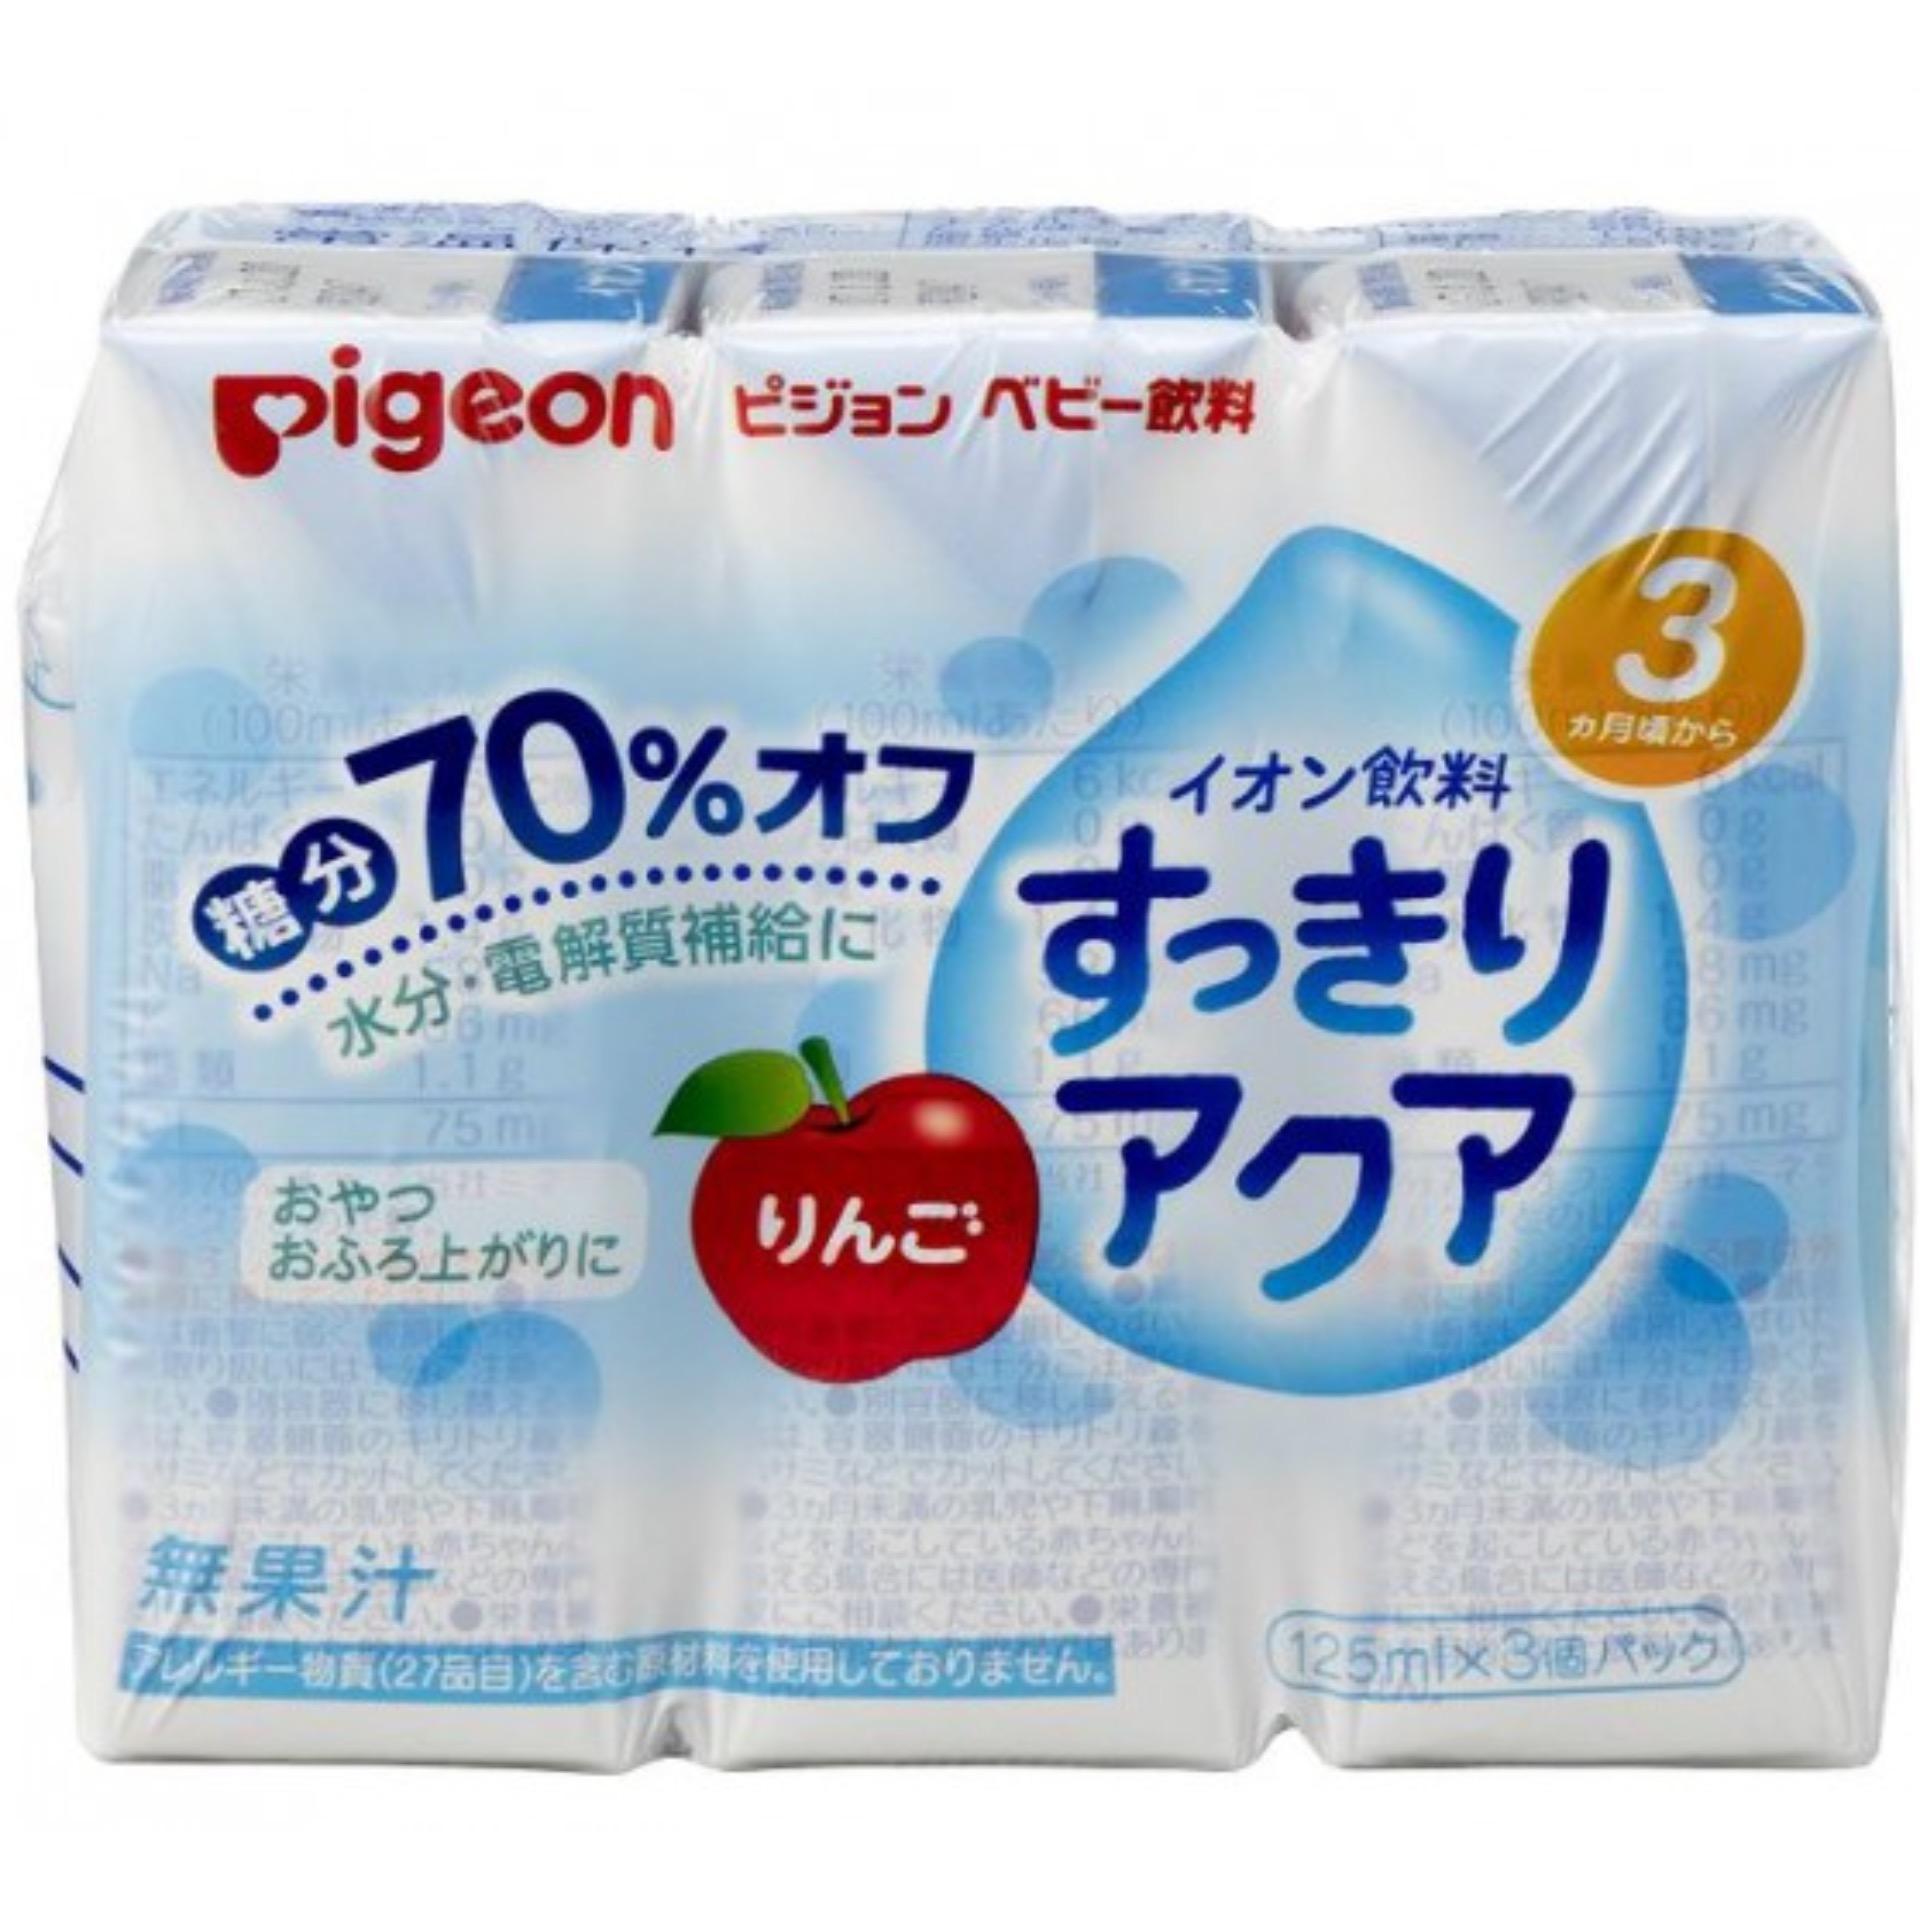 Vỉ 3 hộp nước táo bổ sung Ion điện giải cho bé từ 3 tháng Pigeon 13771 (125mlx3)